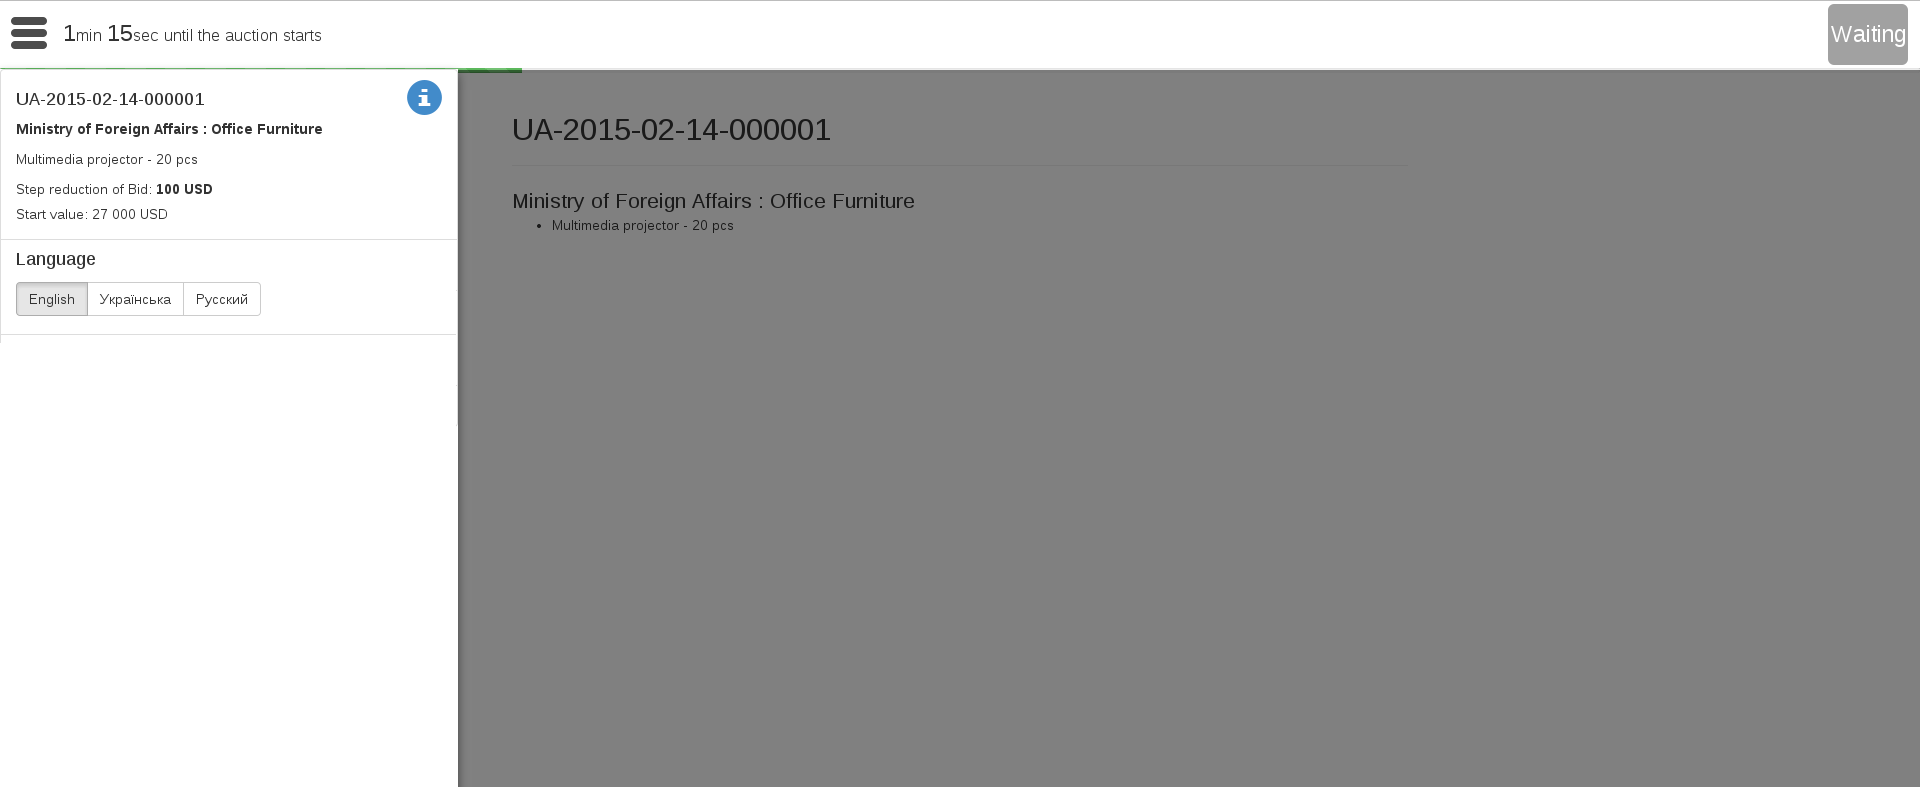 OpenProcurement auction page